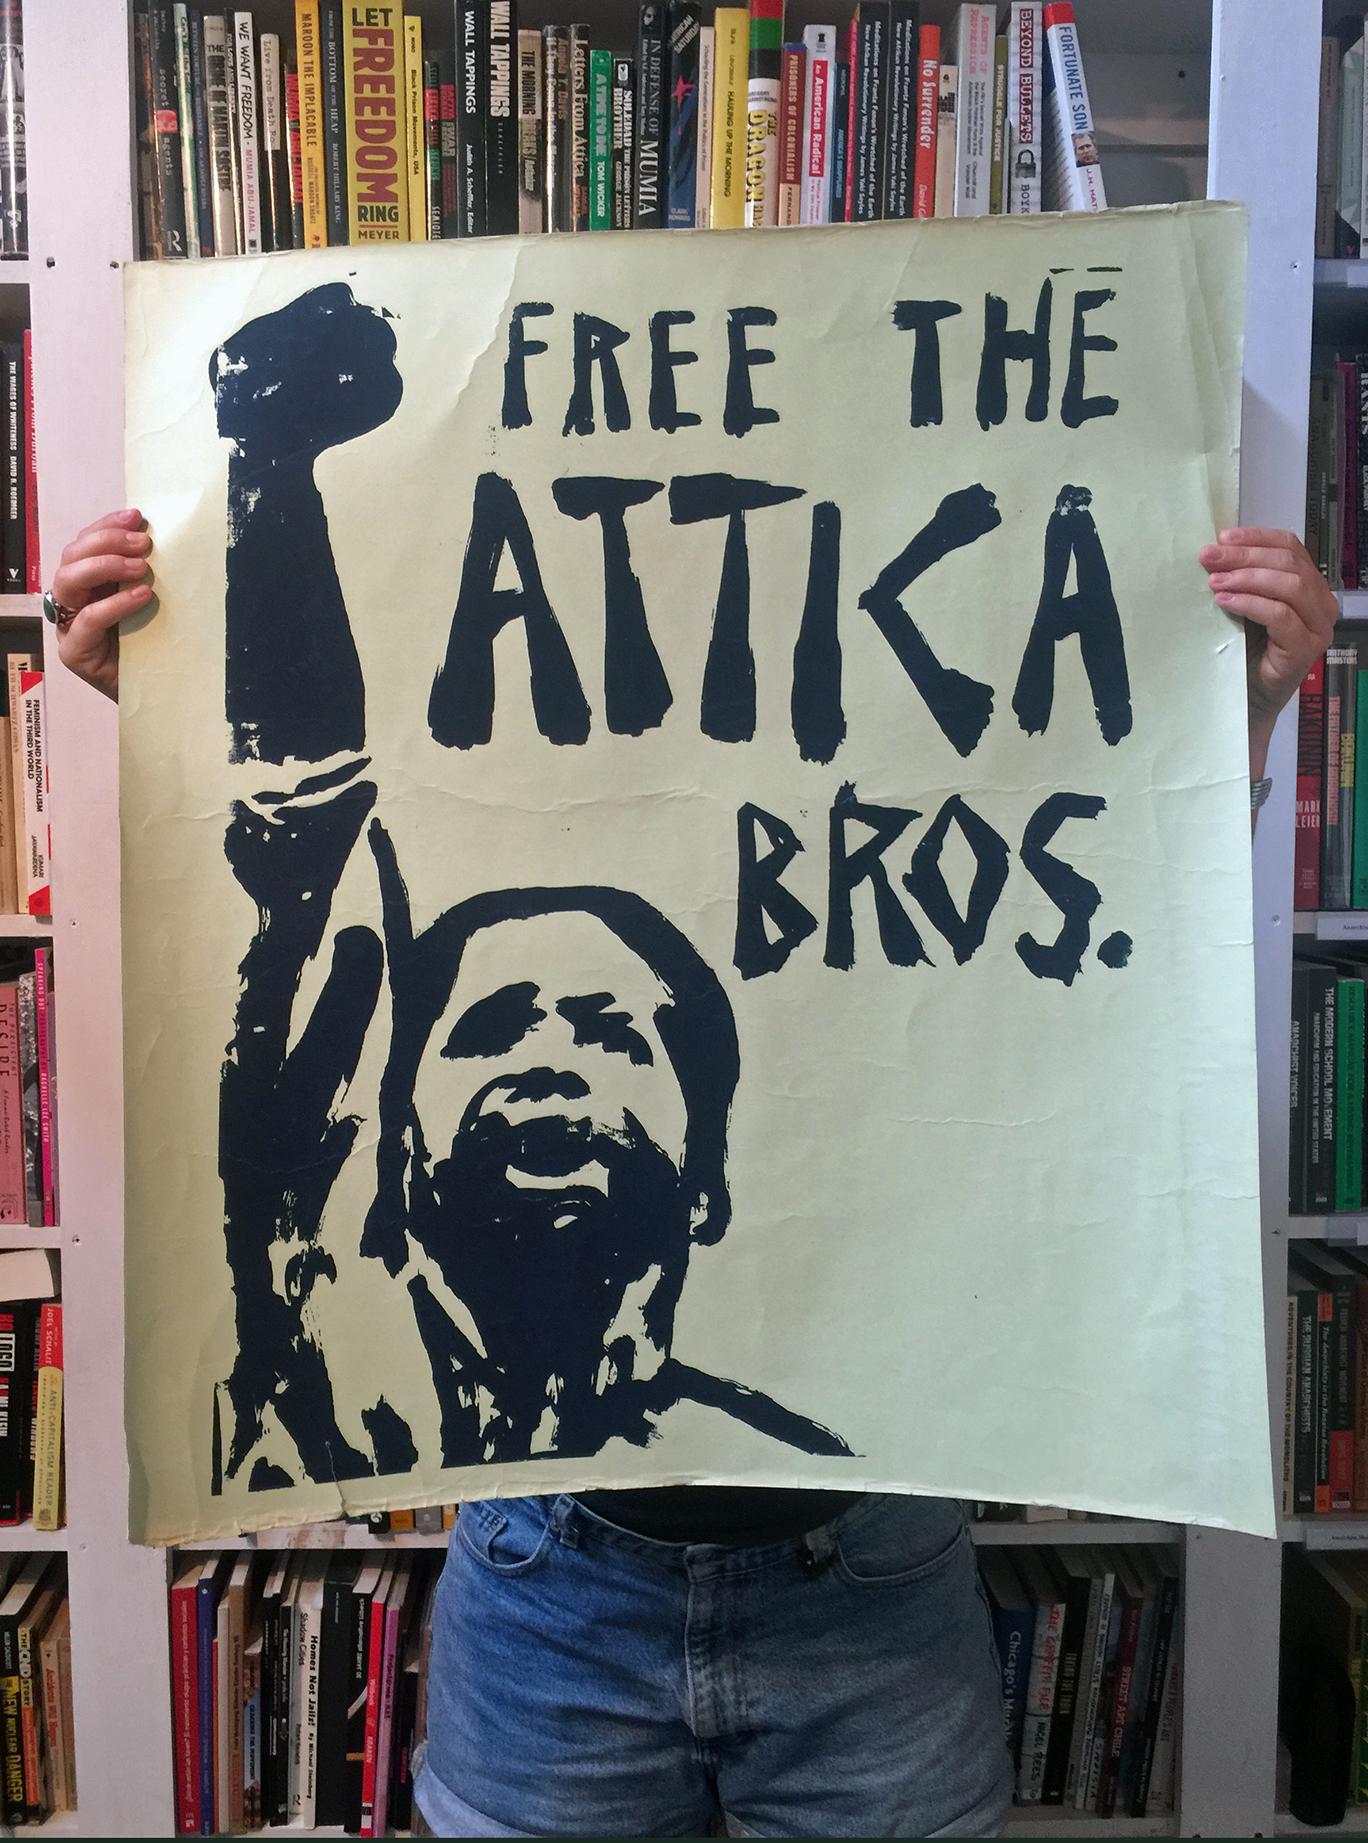 45th Anniversary of the Attica Uprising